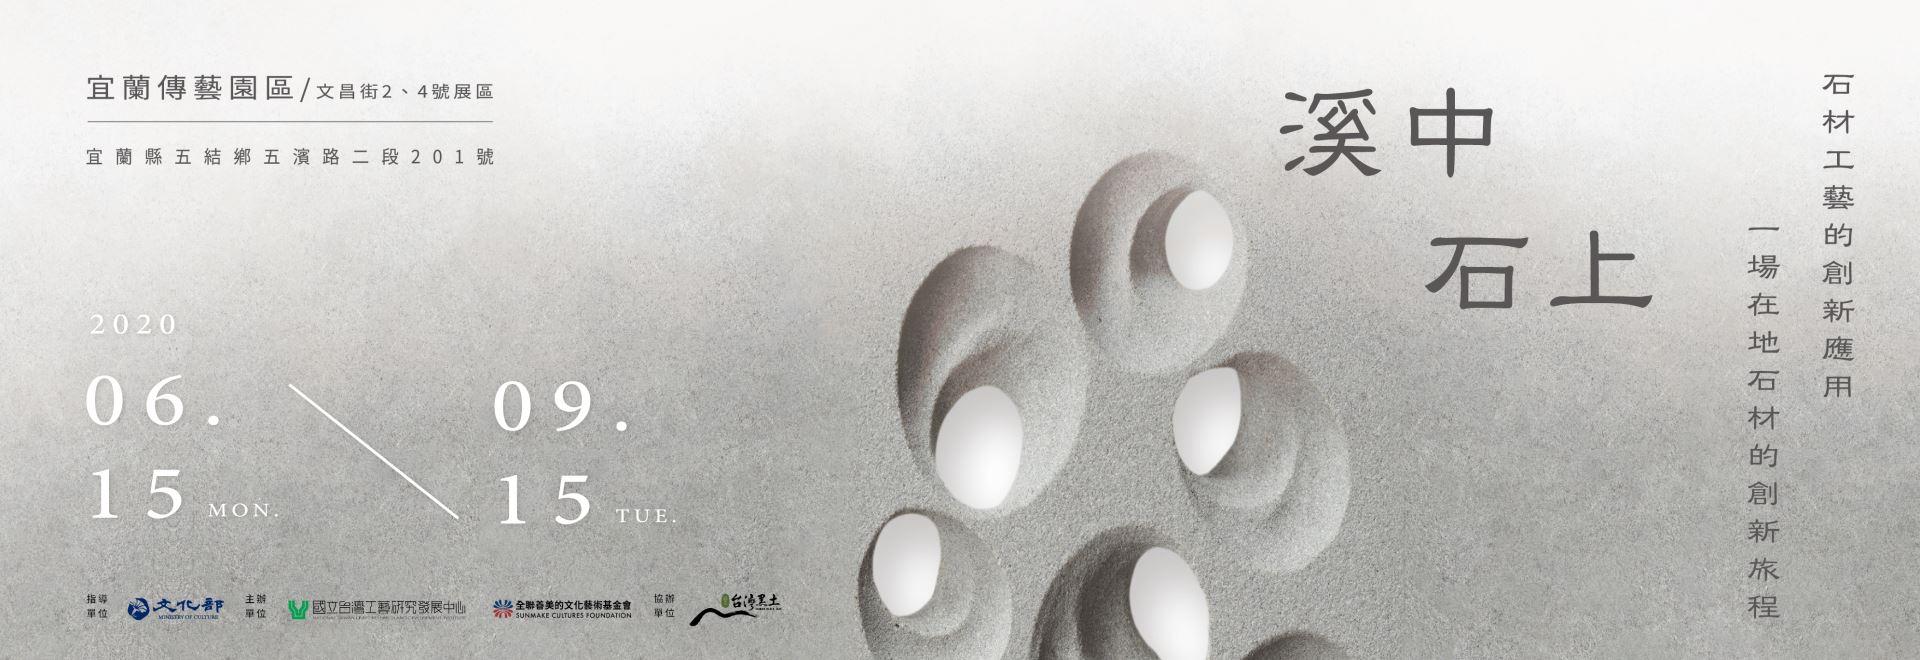 《溪中石上》石材工藝的創新應用特展「另開新視窗」